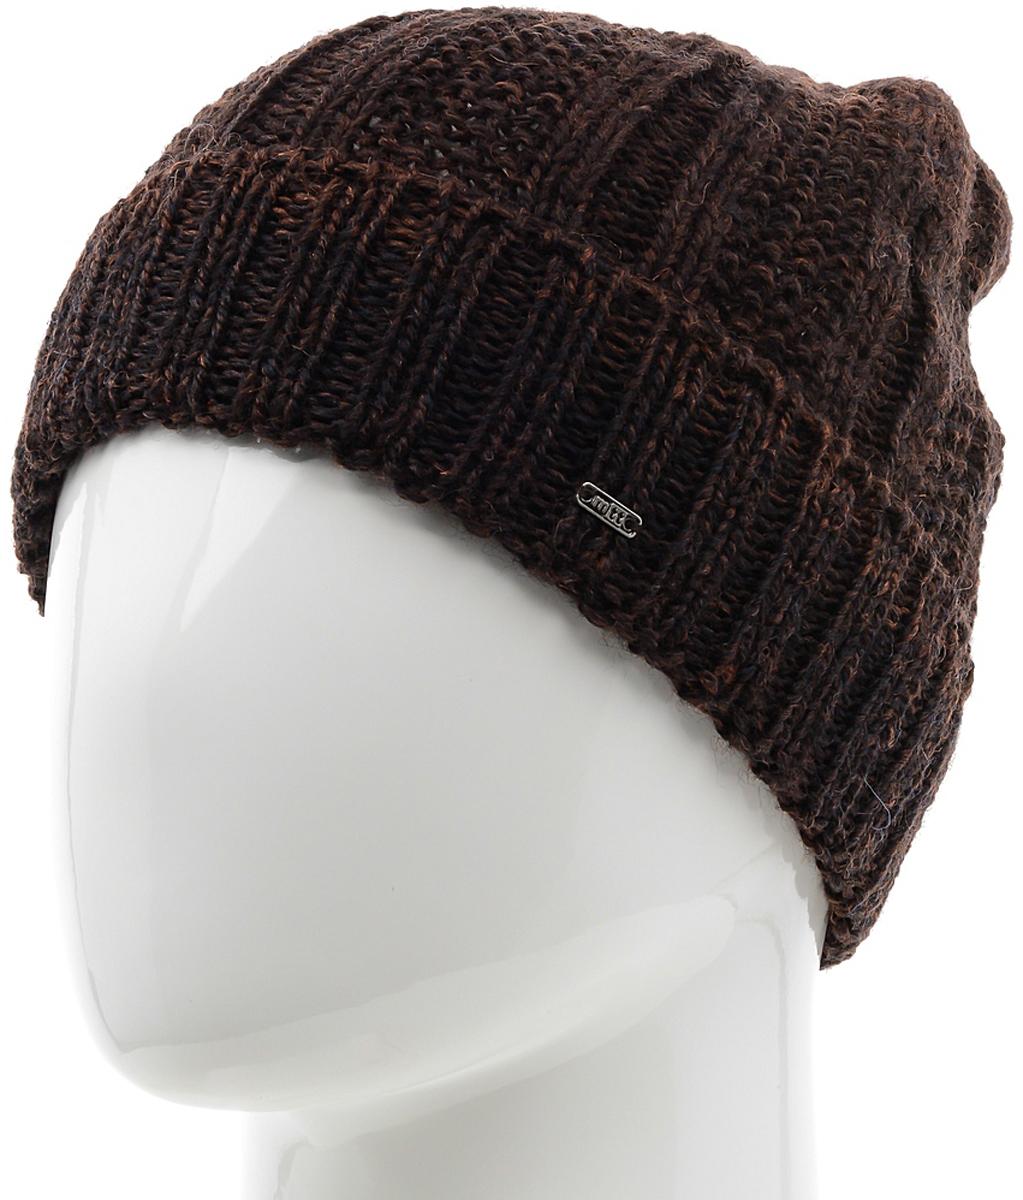 Шапка мужская Marhatter, цвет: коричневый. Размер 57/59. MMH6001MMH6001Замечательная шапка, выполненная из теплого комфортного материала. Незаменимая вещь на прохладную погоду.